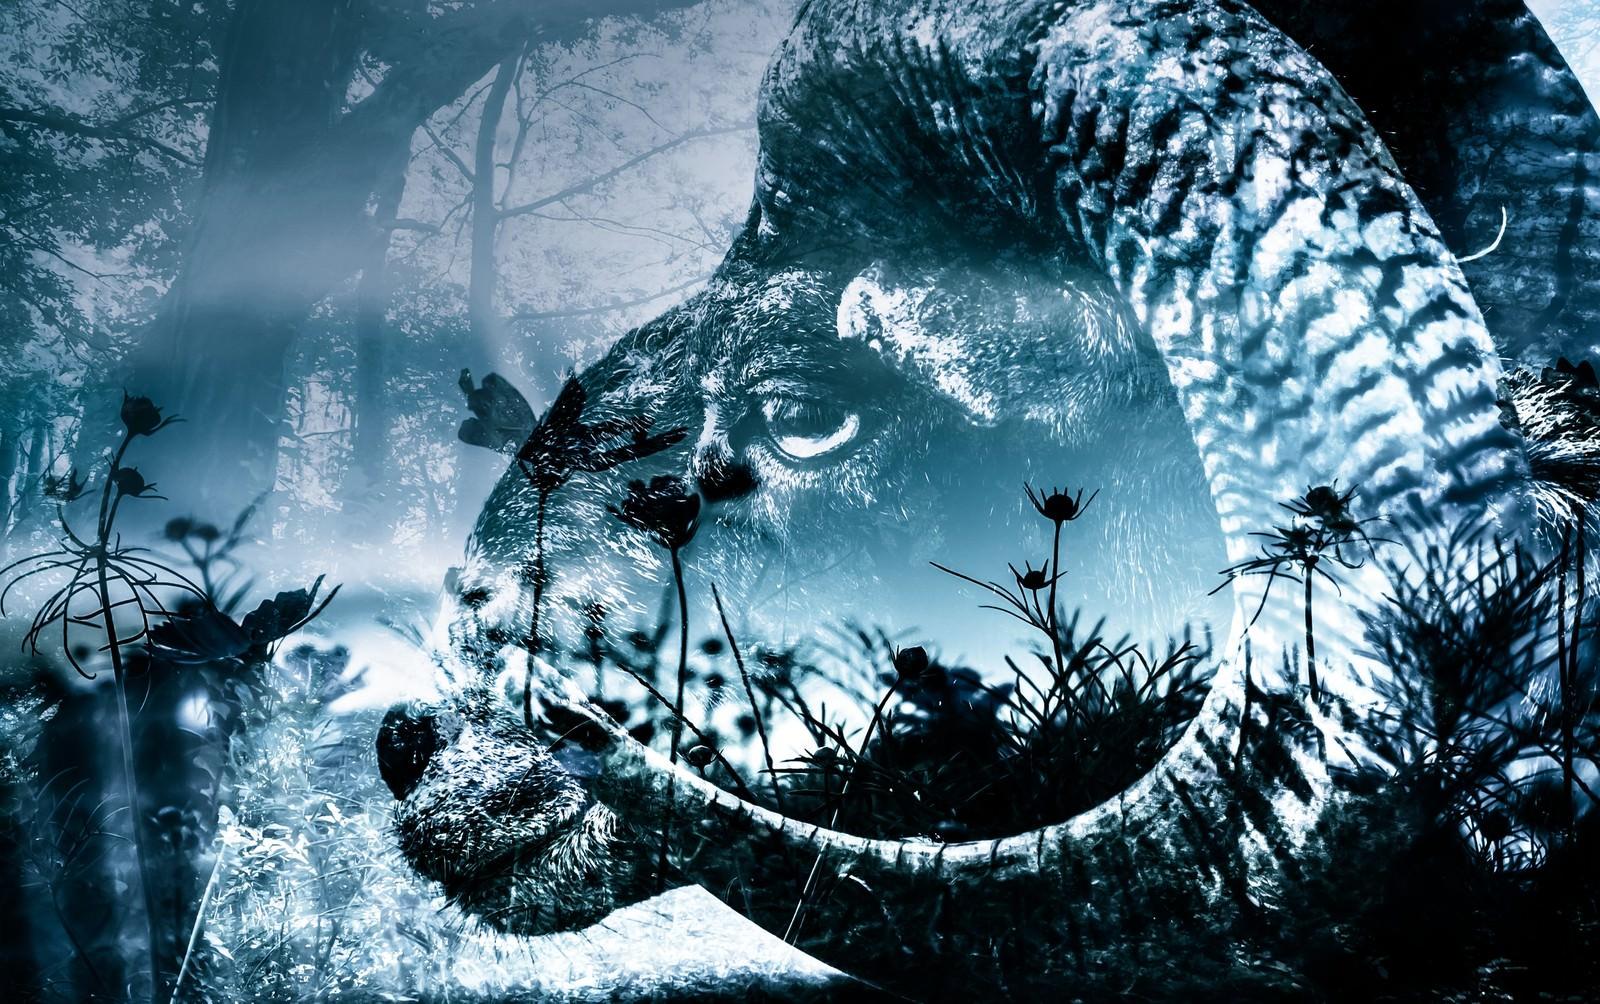 「黒山羊と森(フォトモンタージュ)」の写真